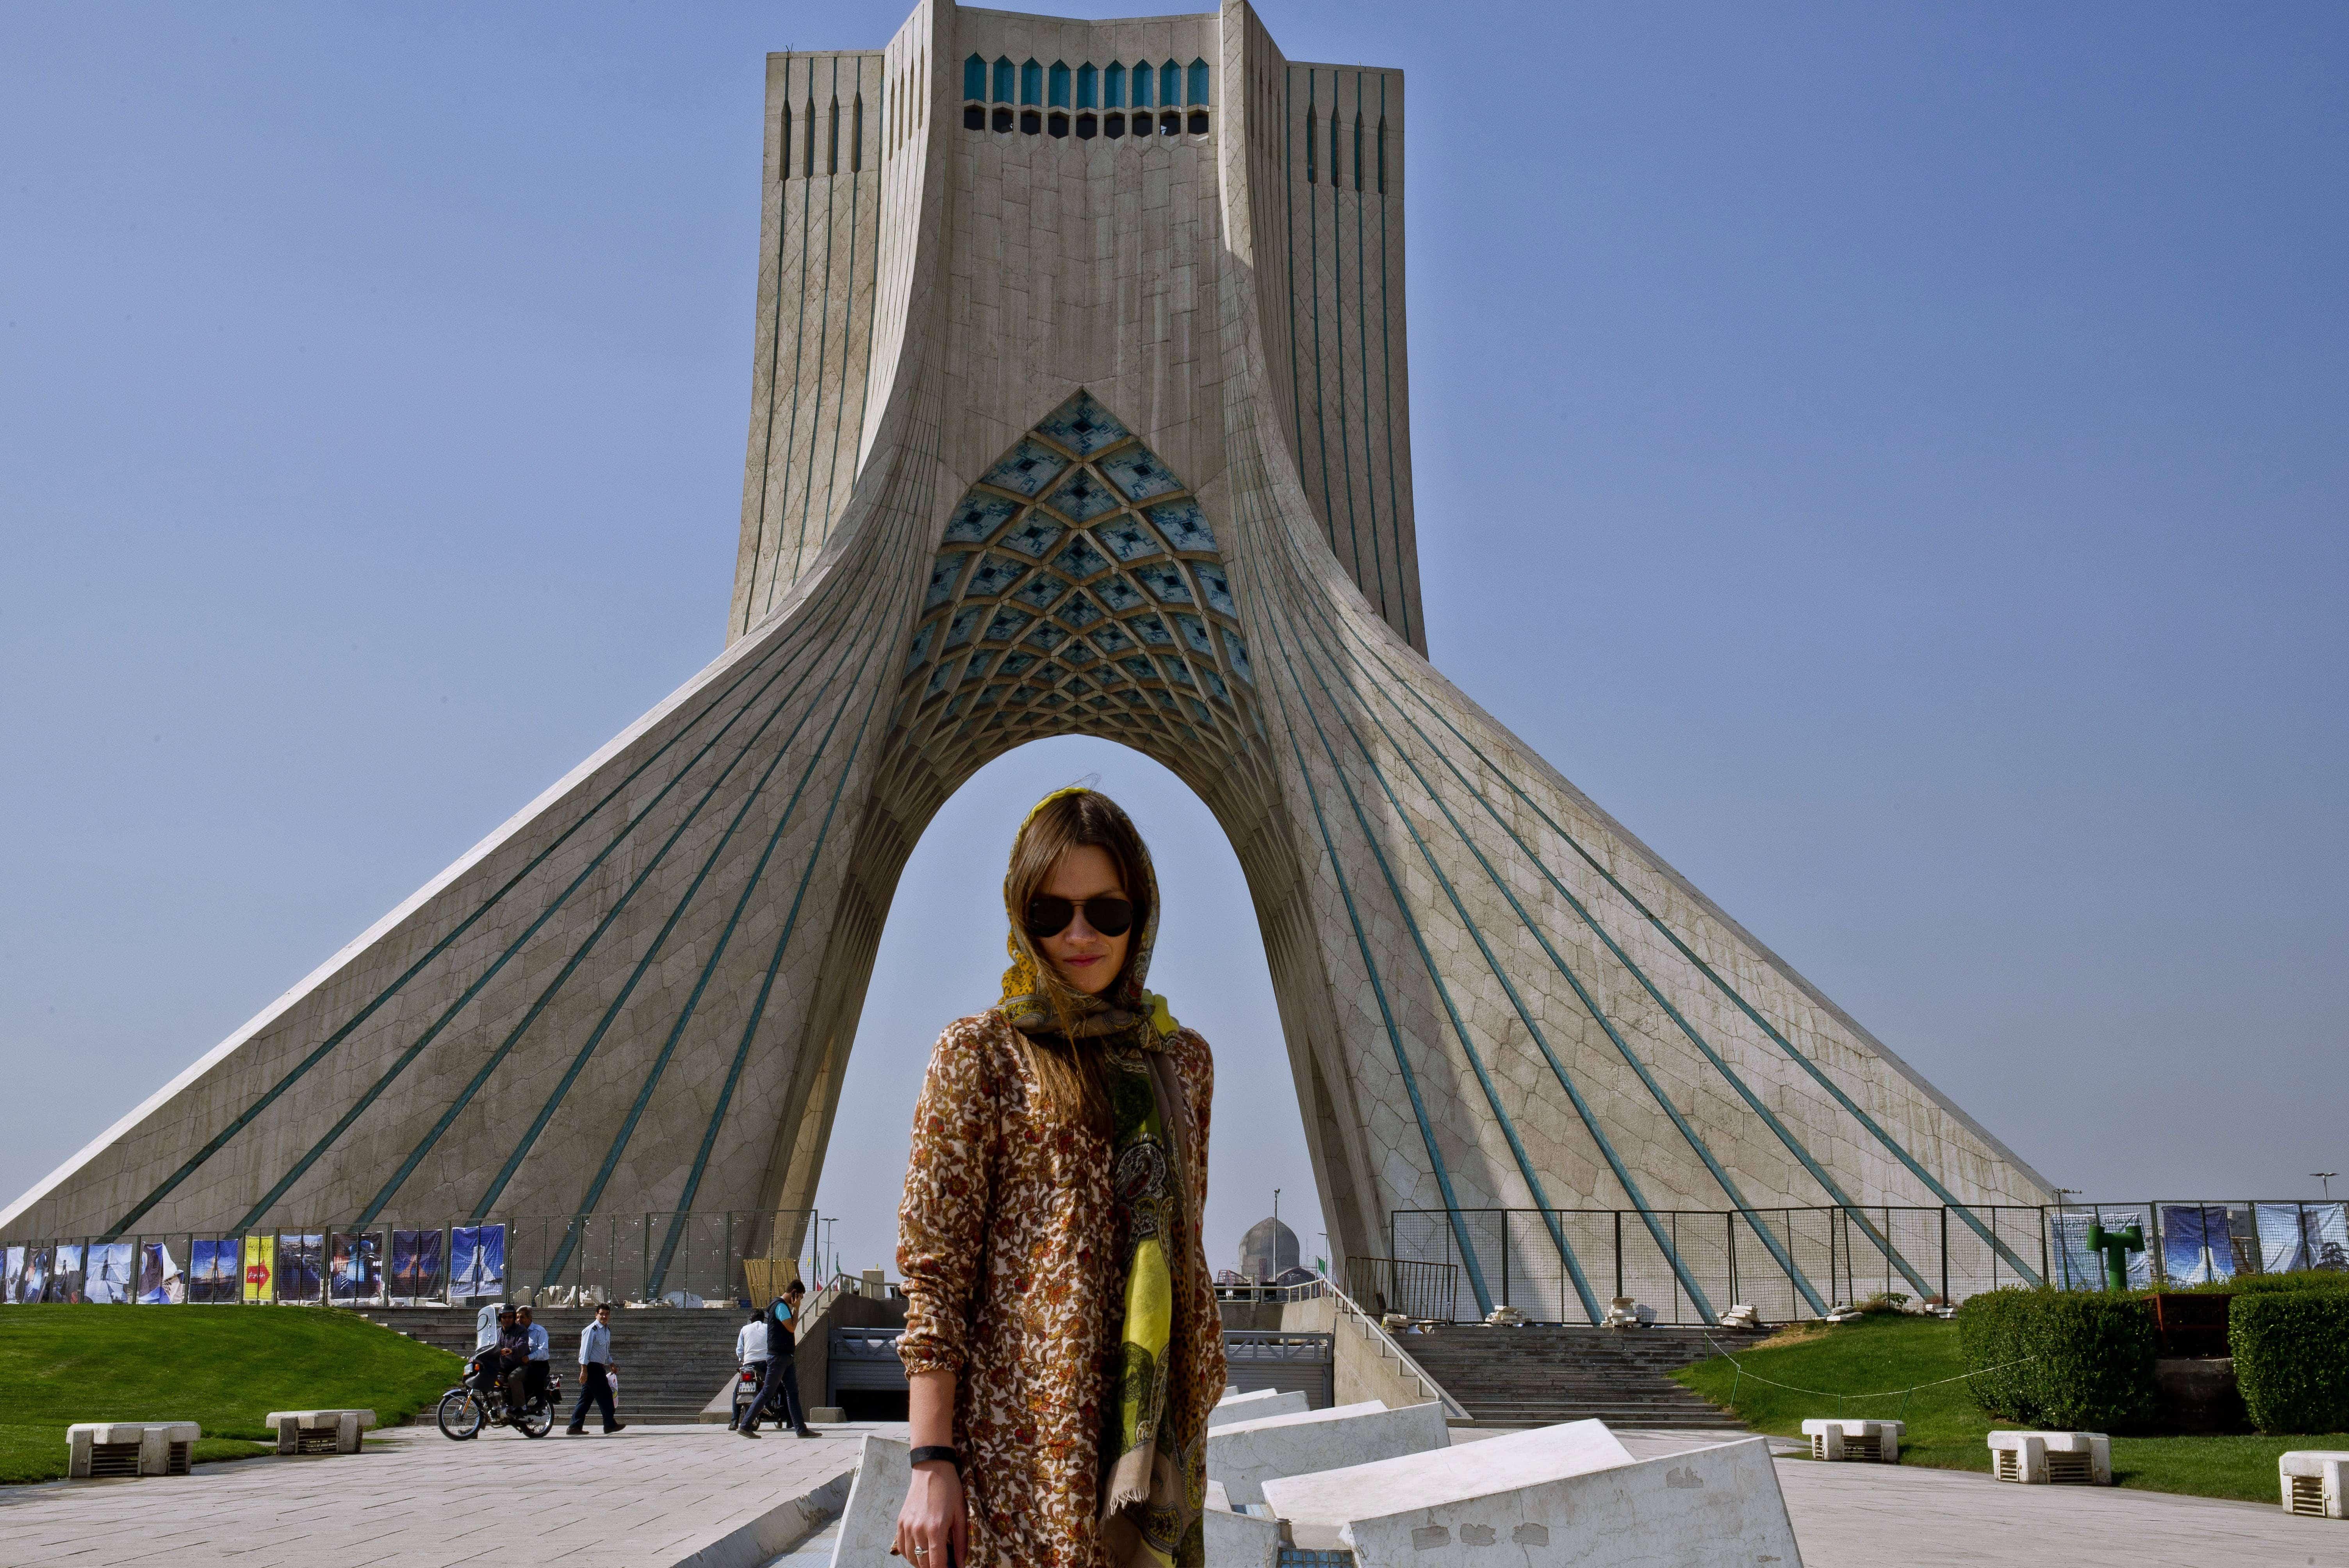 Wieża Azadi - zwana także Wieżą Wolności. Teheran, Iran, październik 2015.